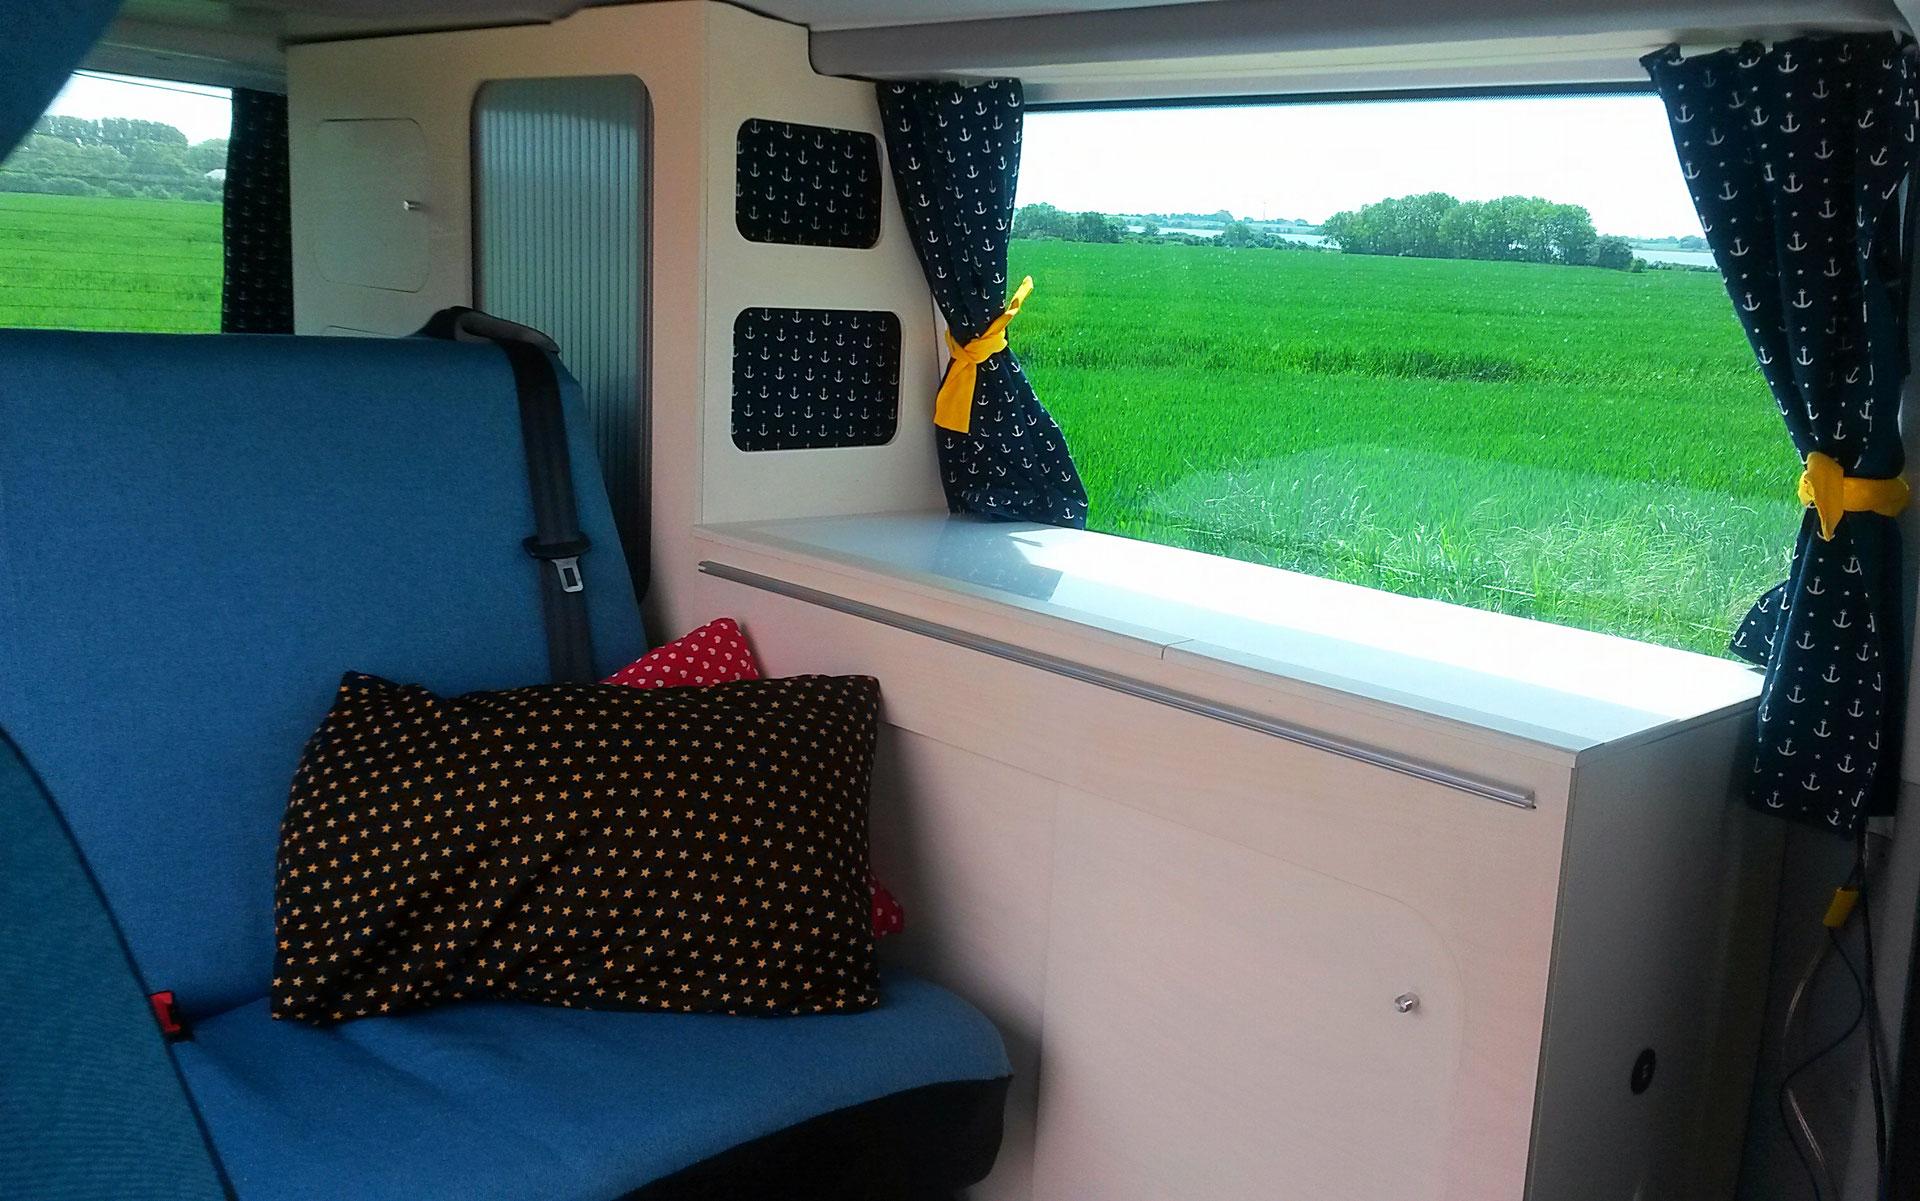 dein bus selbstausbau zum tr umen individueller. Black Bedroom Furniture Sets. Home Design Ideas